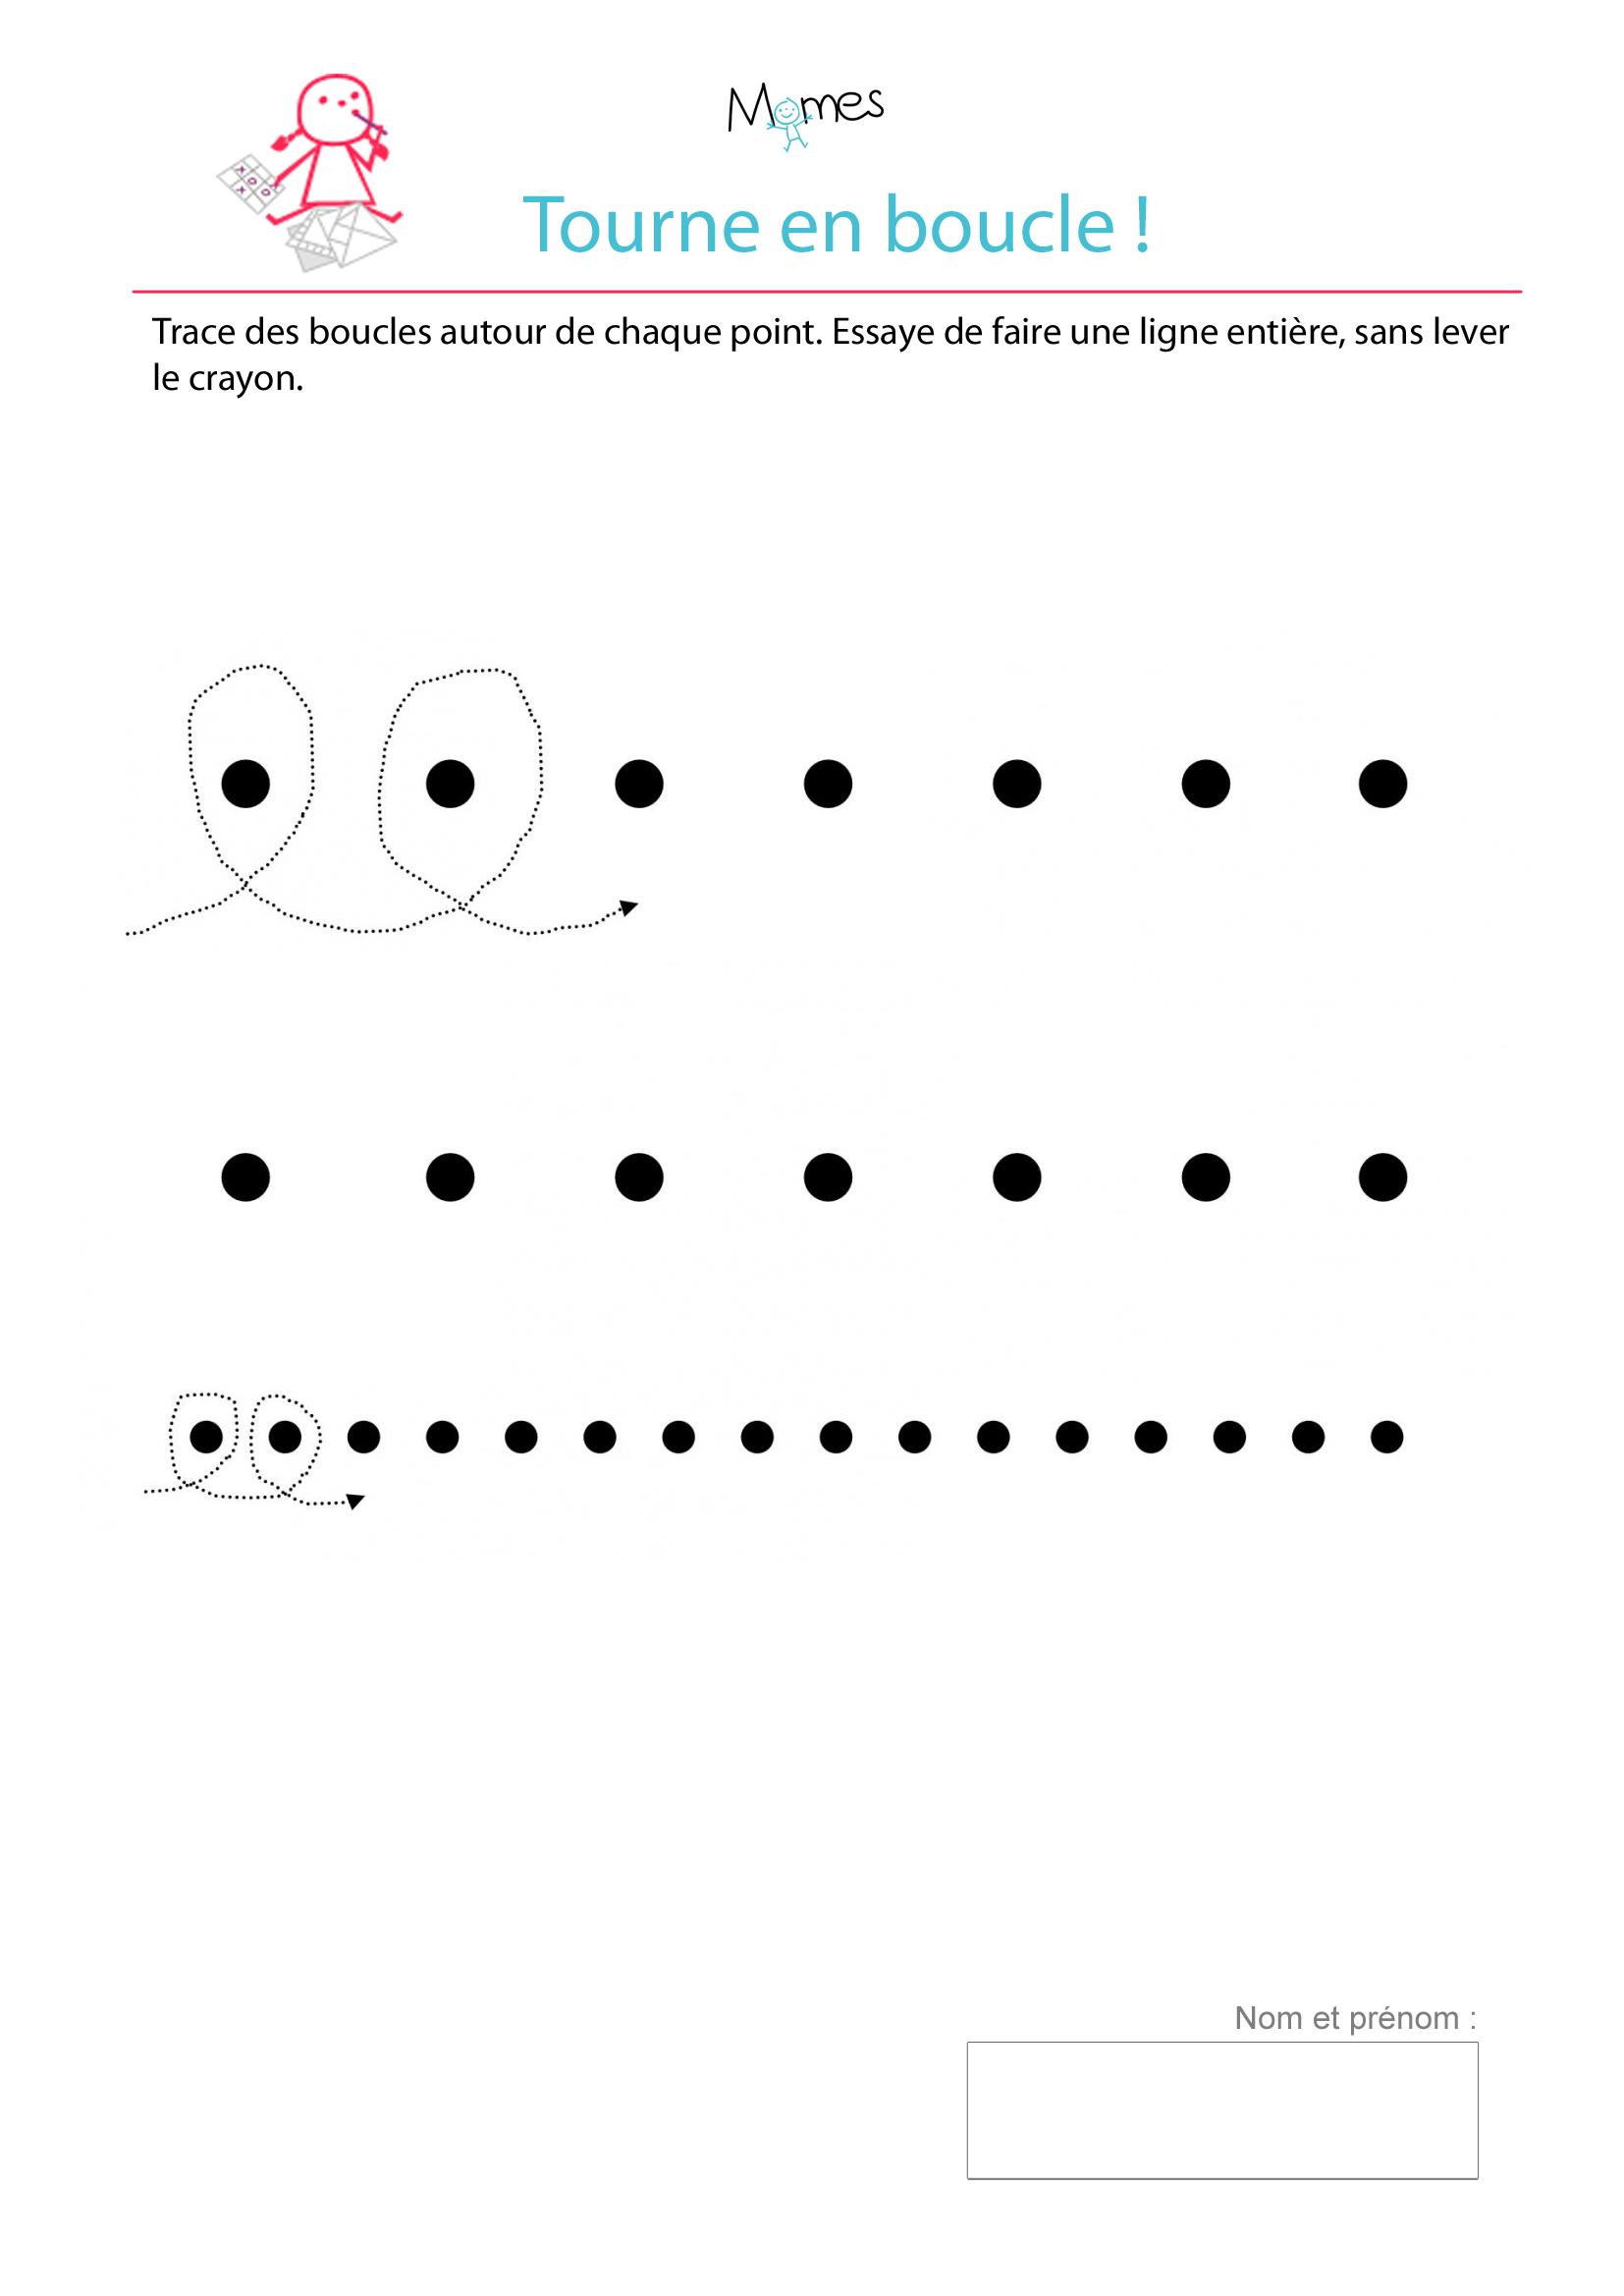 Exercice D'écriture : Tracer Des Boucles Autour De Points pour Fiche Activité Maternelle Petite Section